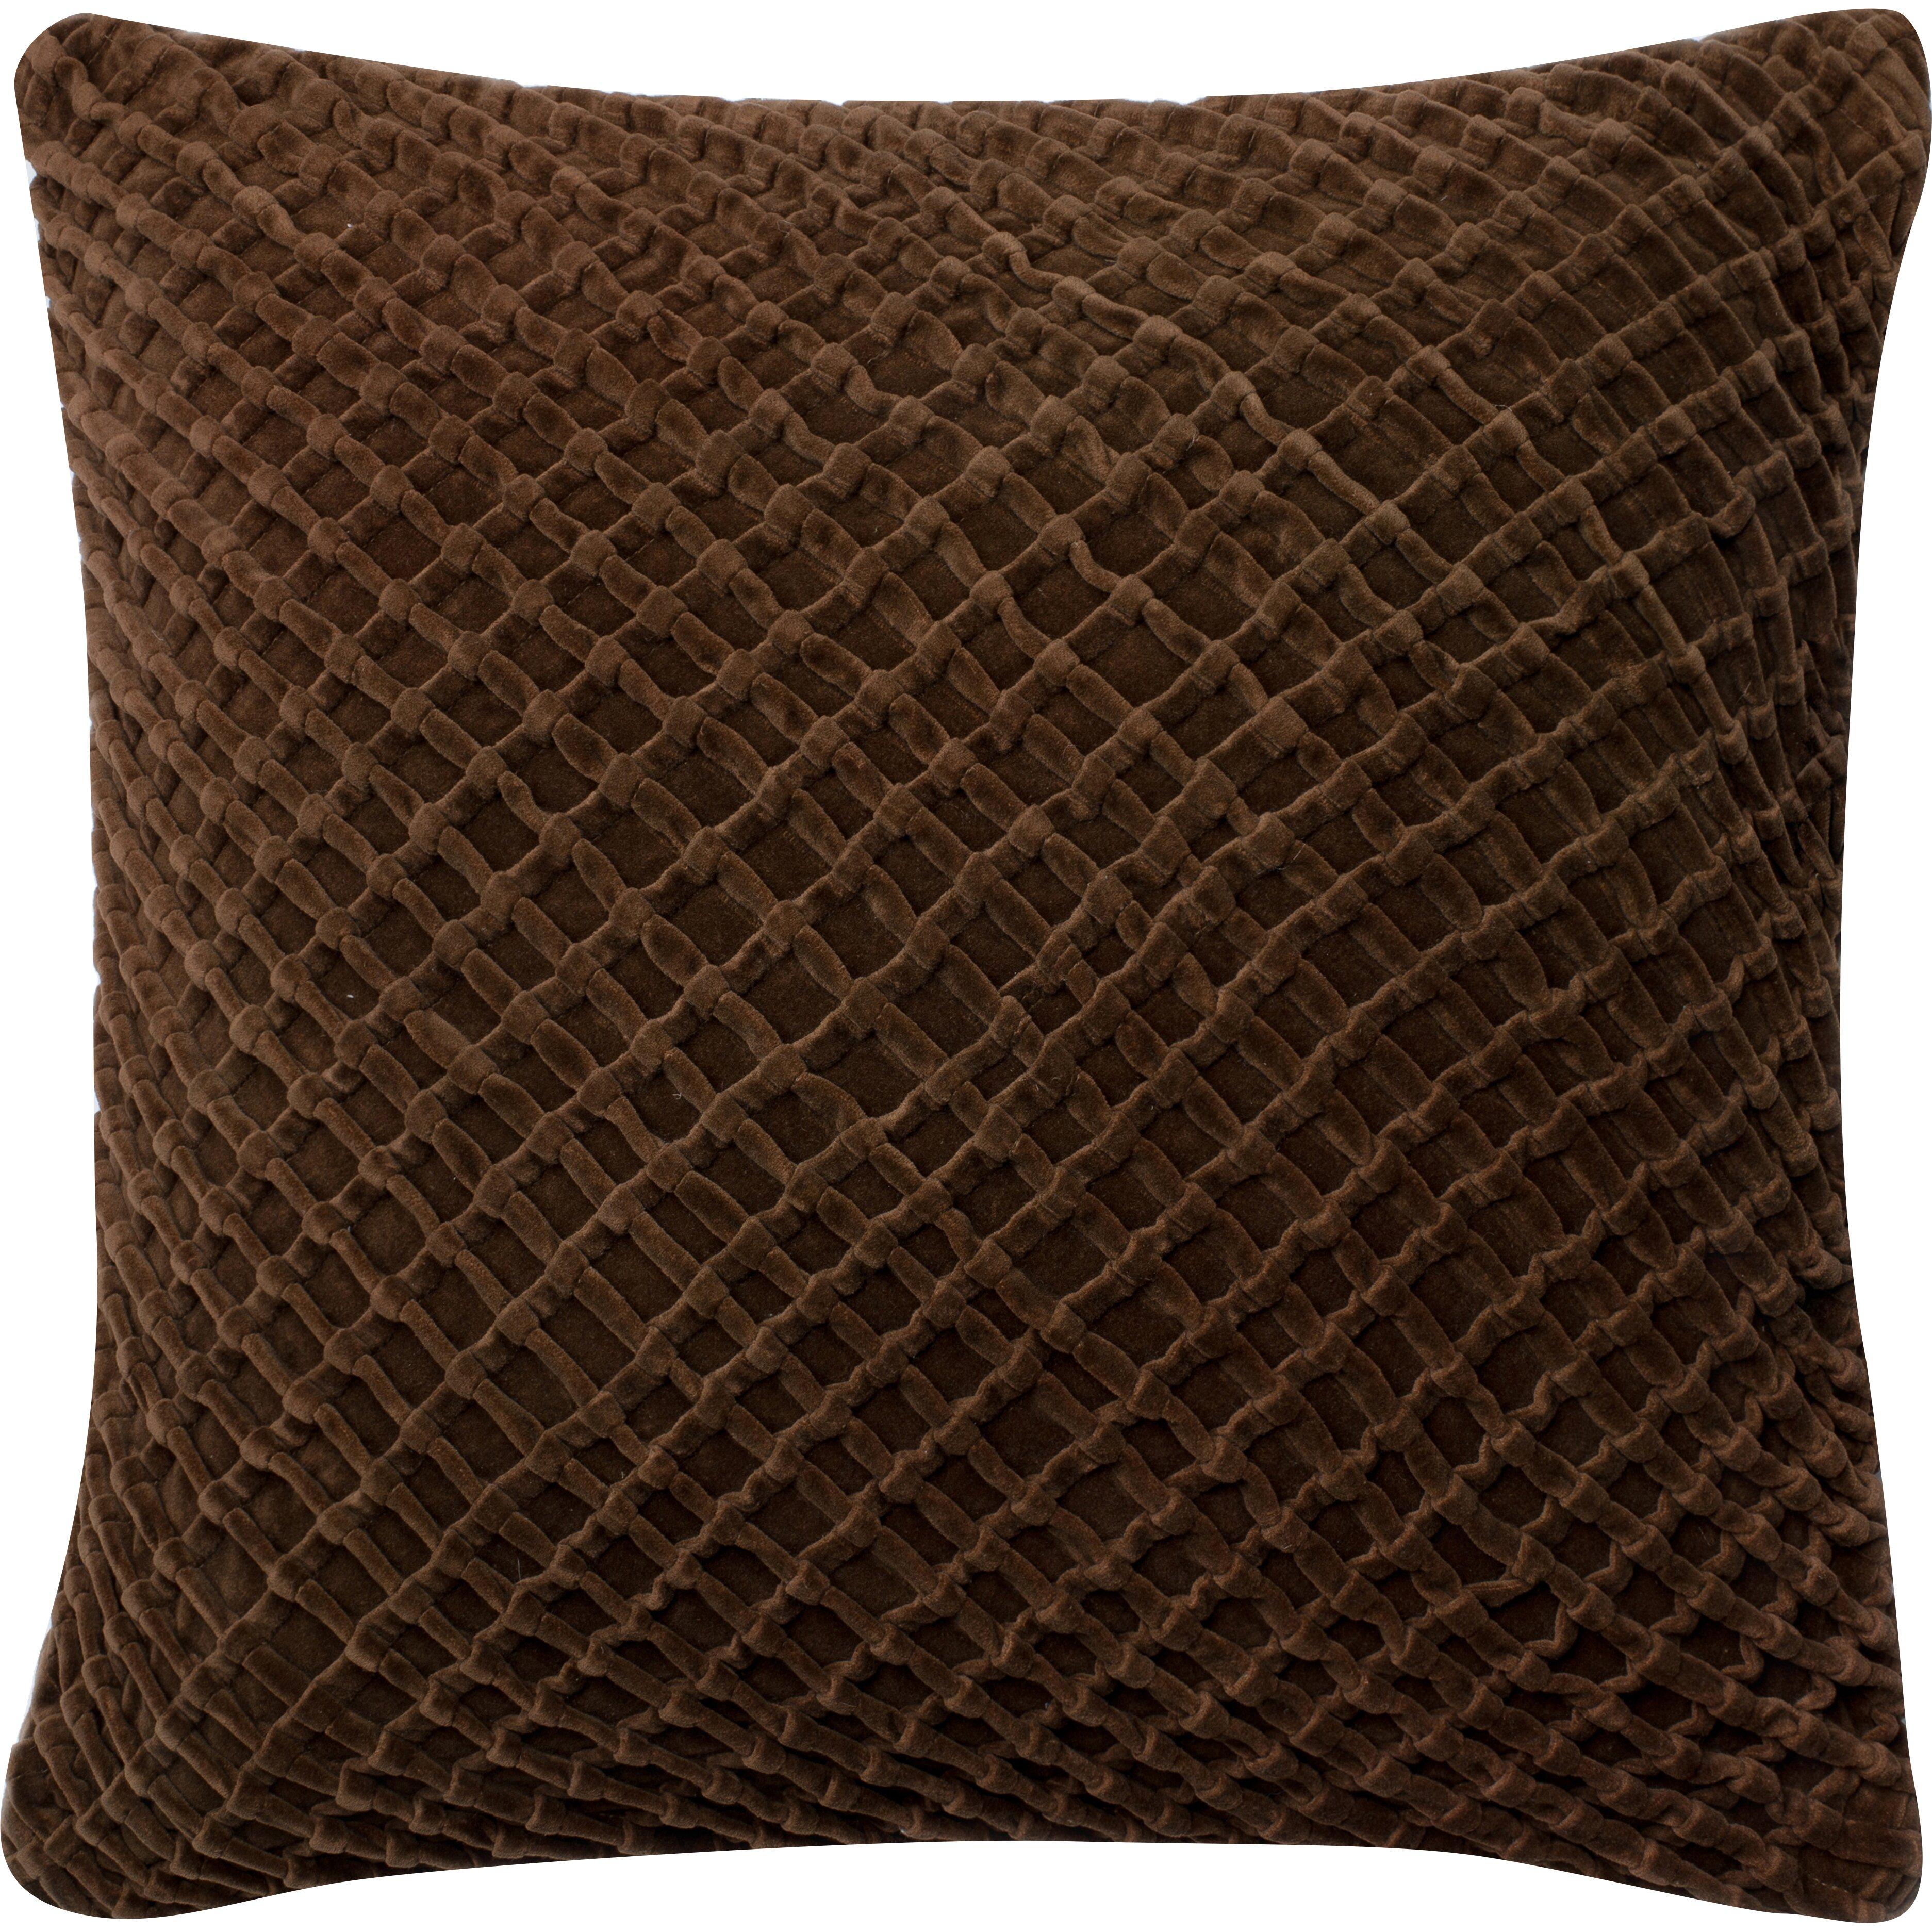 Loloi Rugs Throw Pillow & Reviews Wayfair.ca